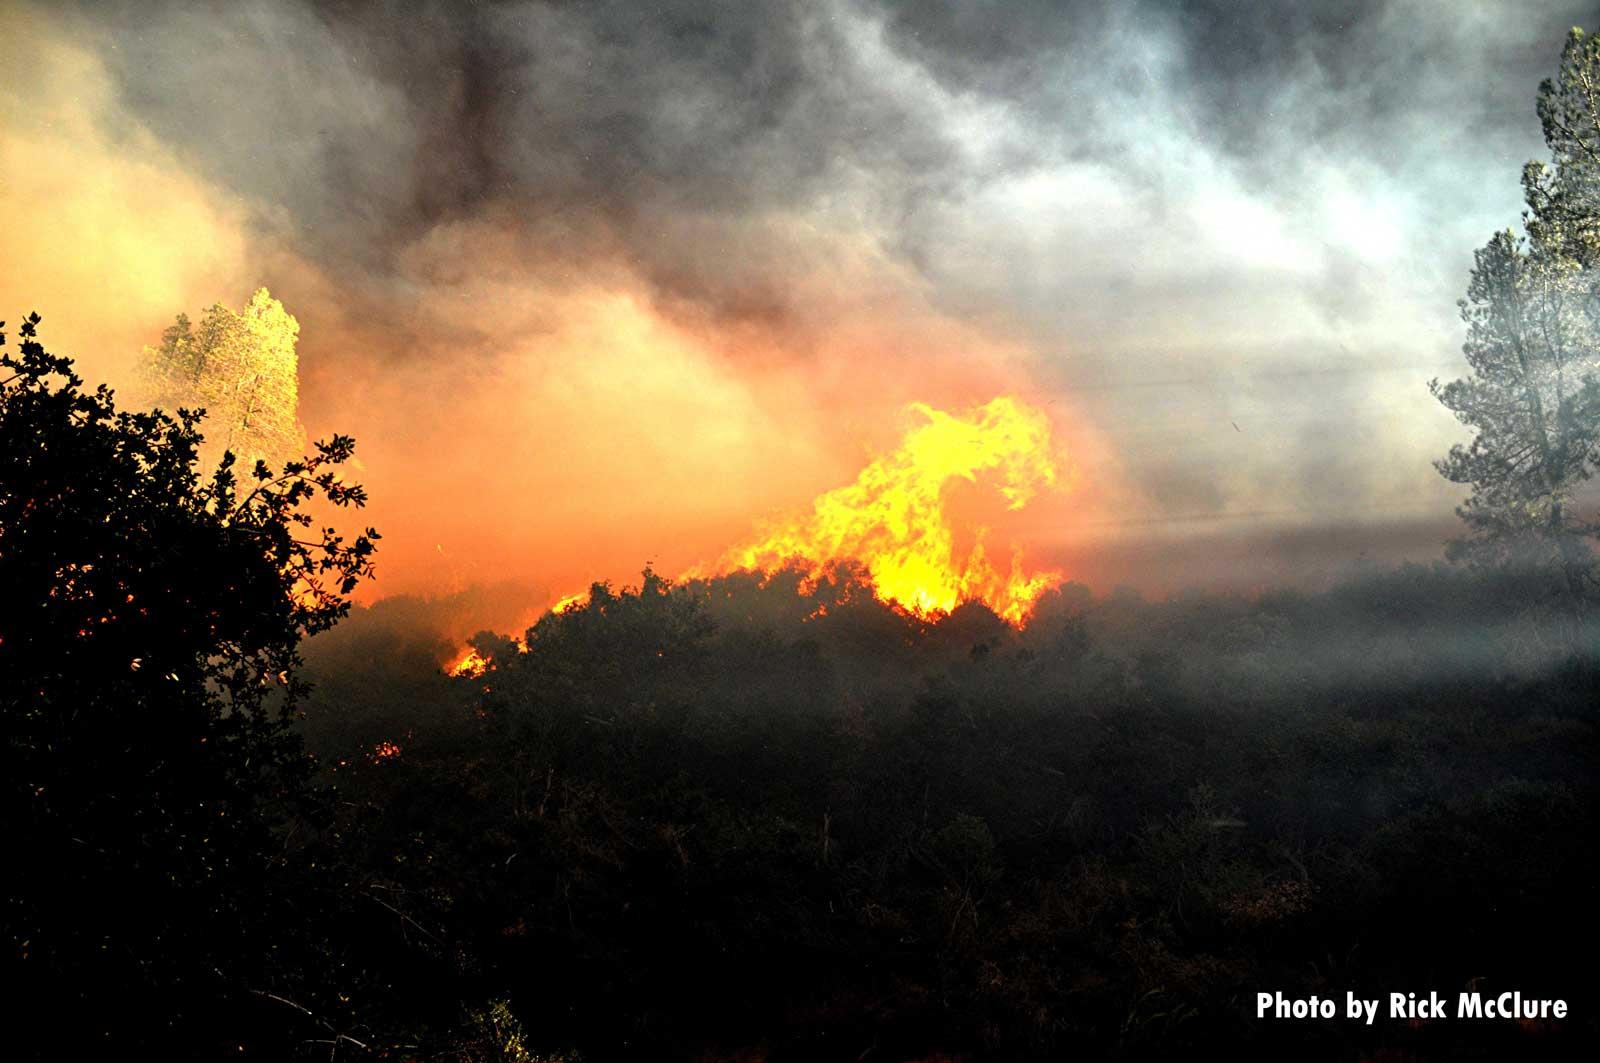 Flames rage across the landscape